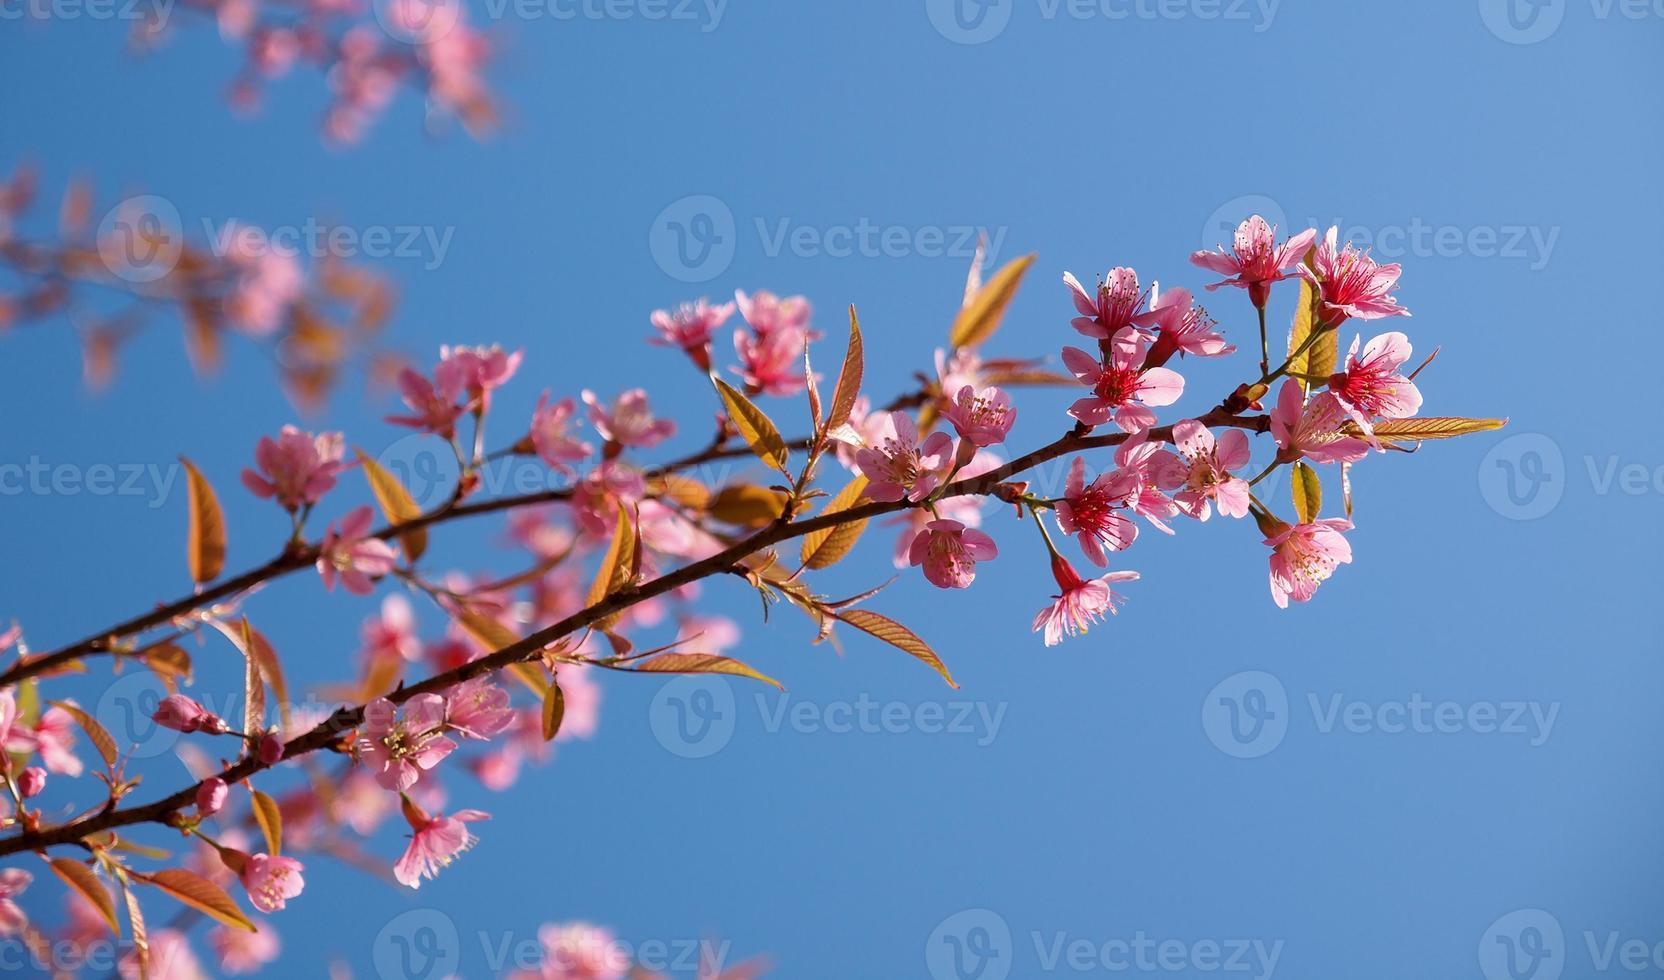 albero di fiori di ciliegio in fiore con cielo sereno foto